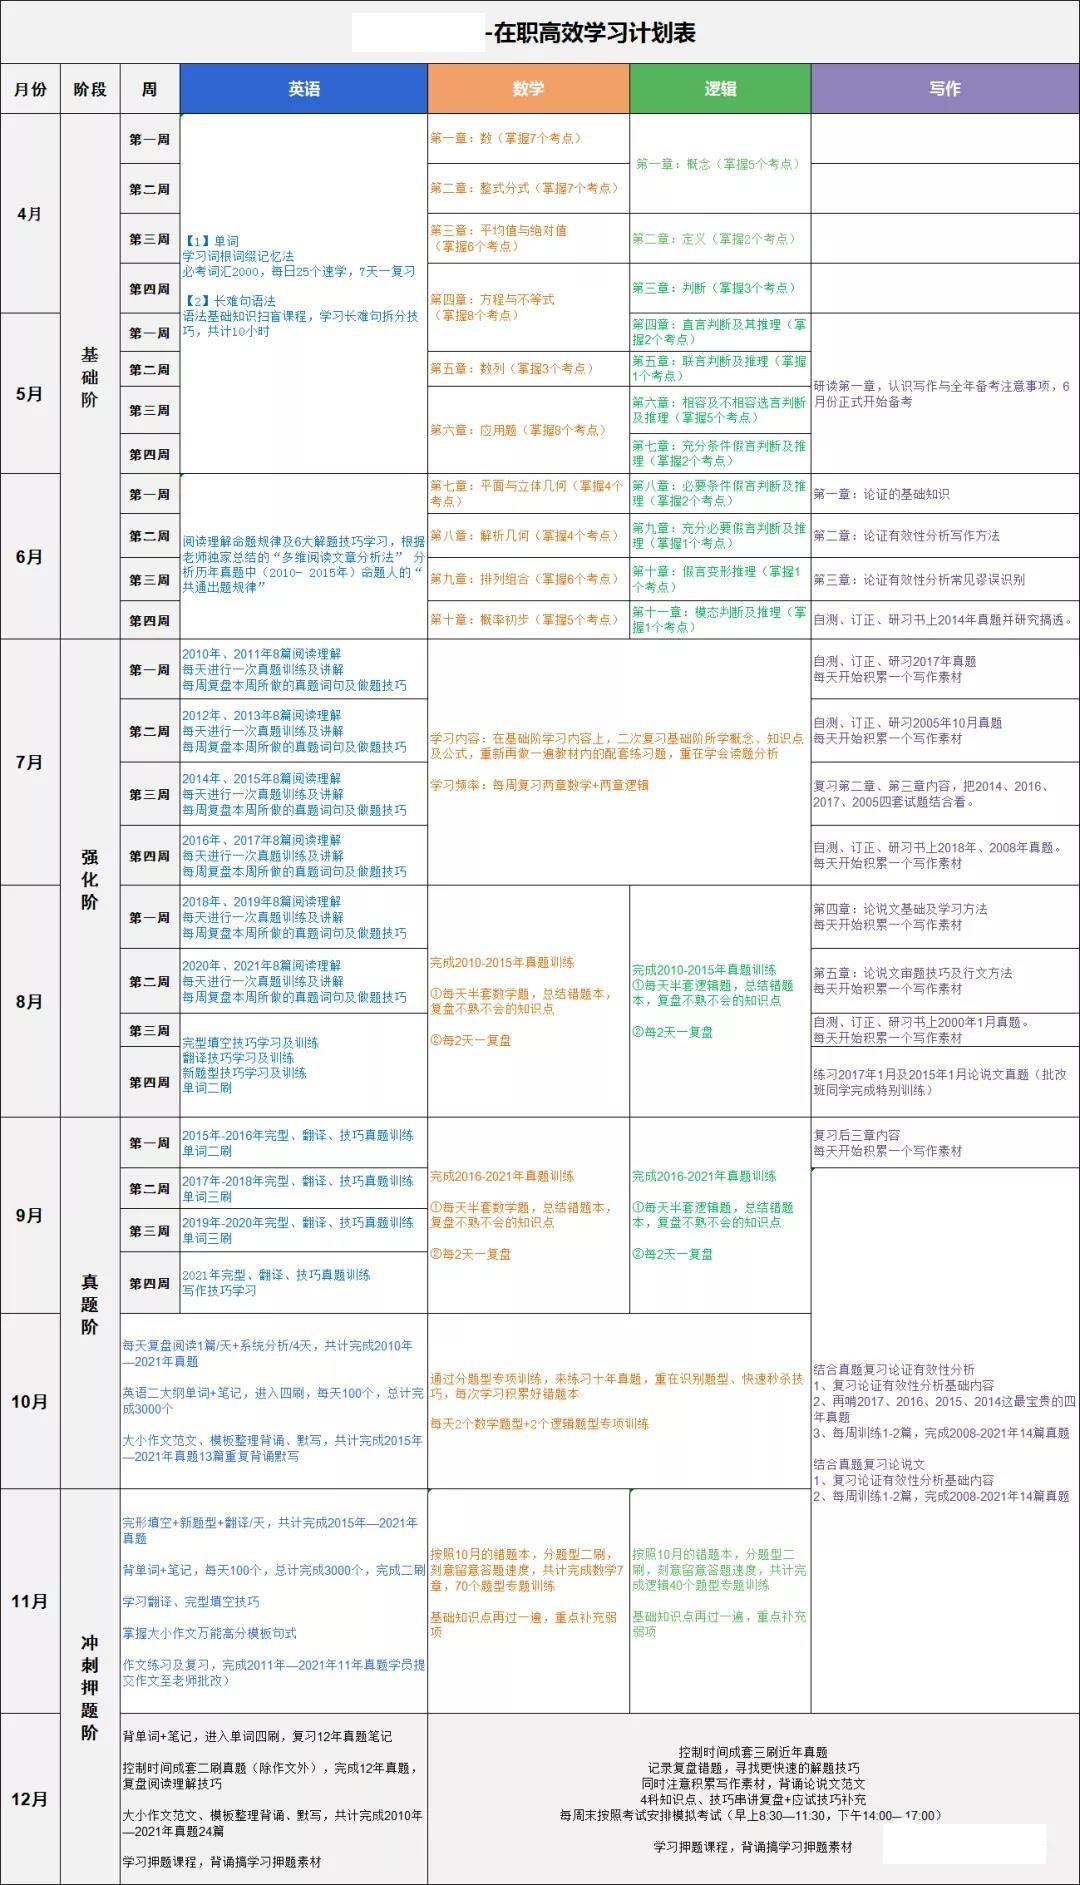 雷哥考研-MBA四月备考攻略.jpg